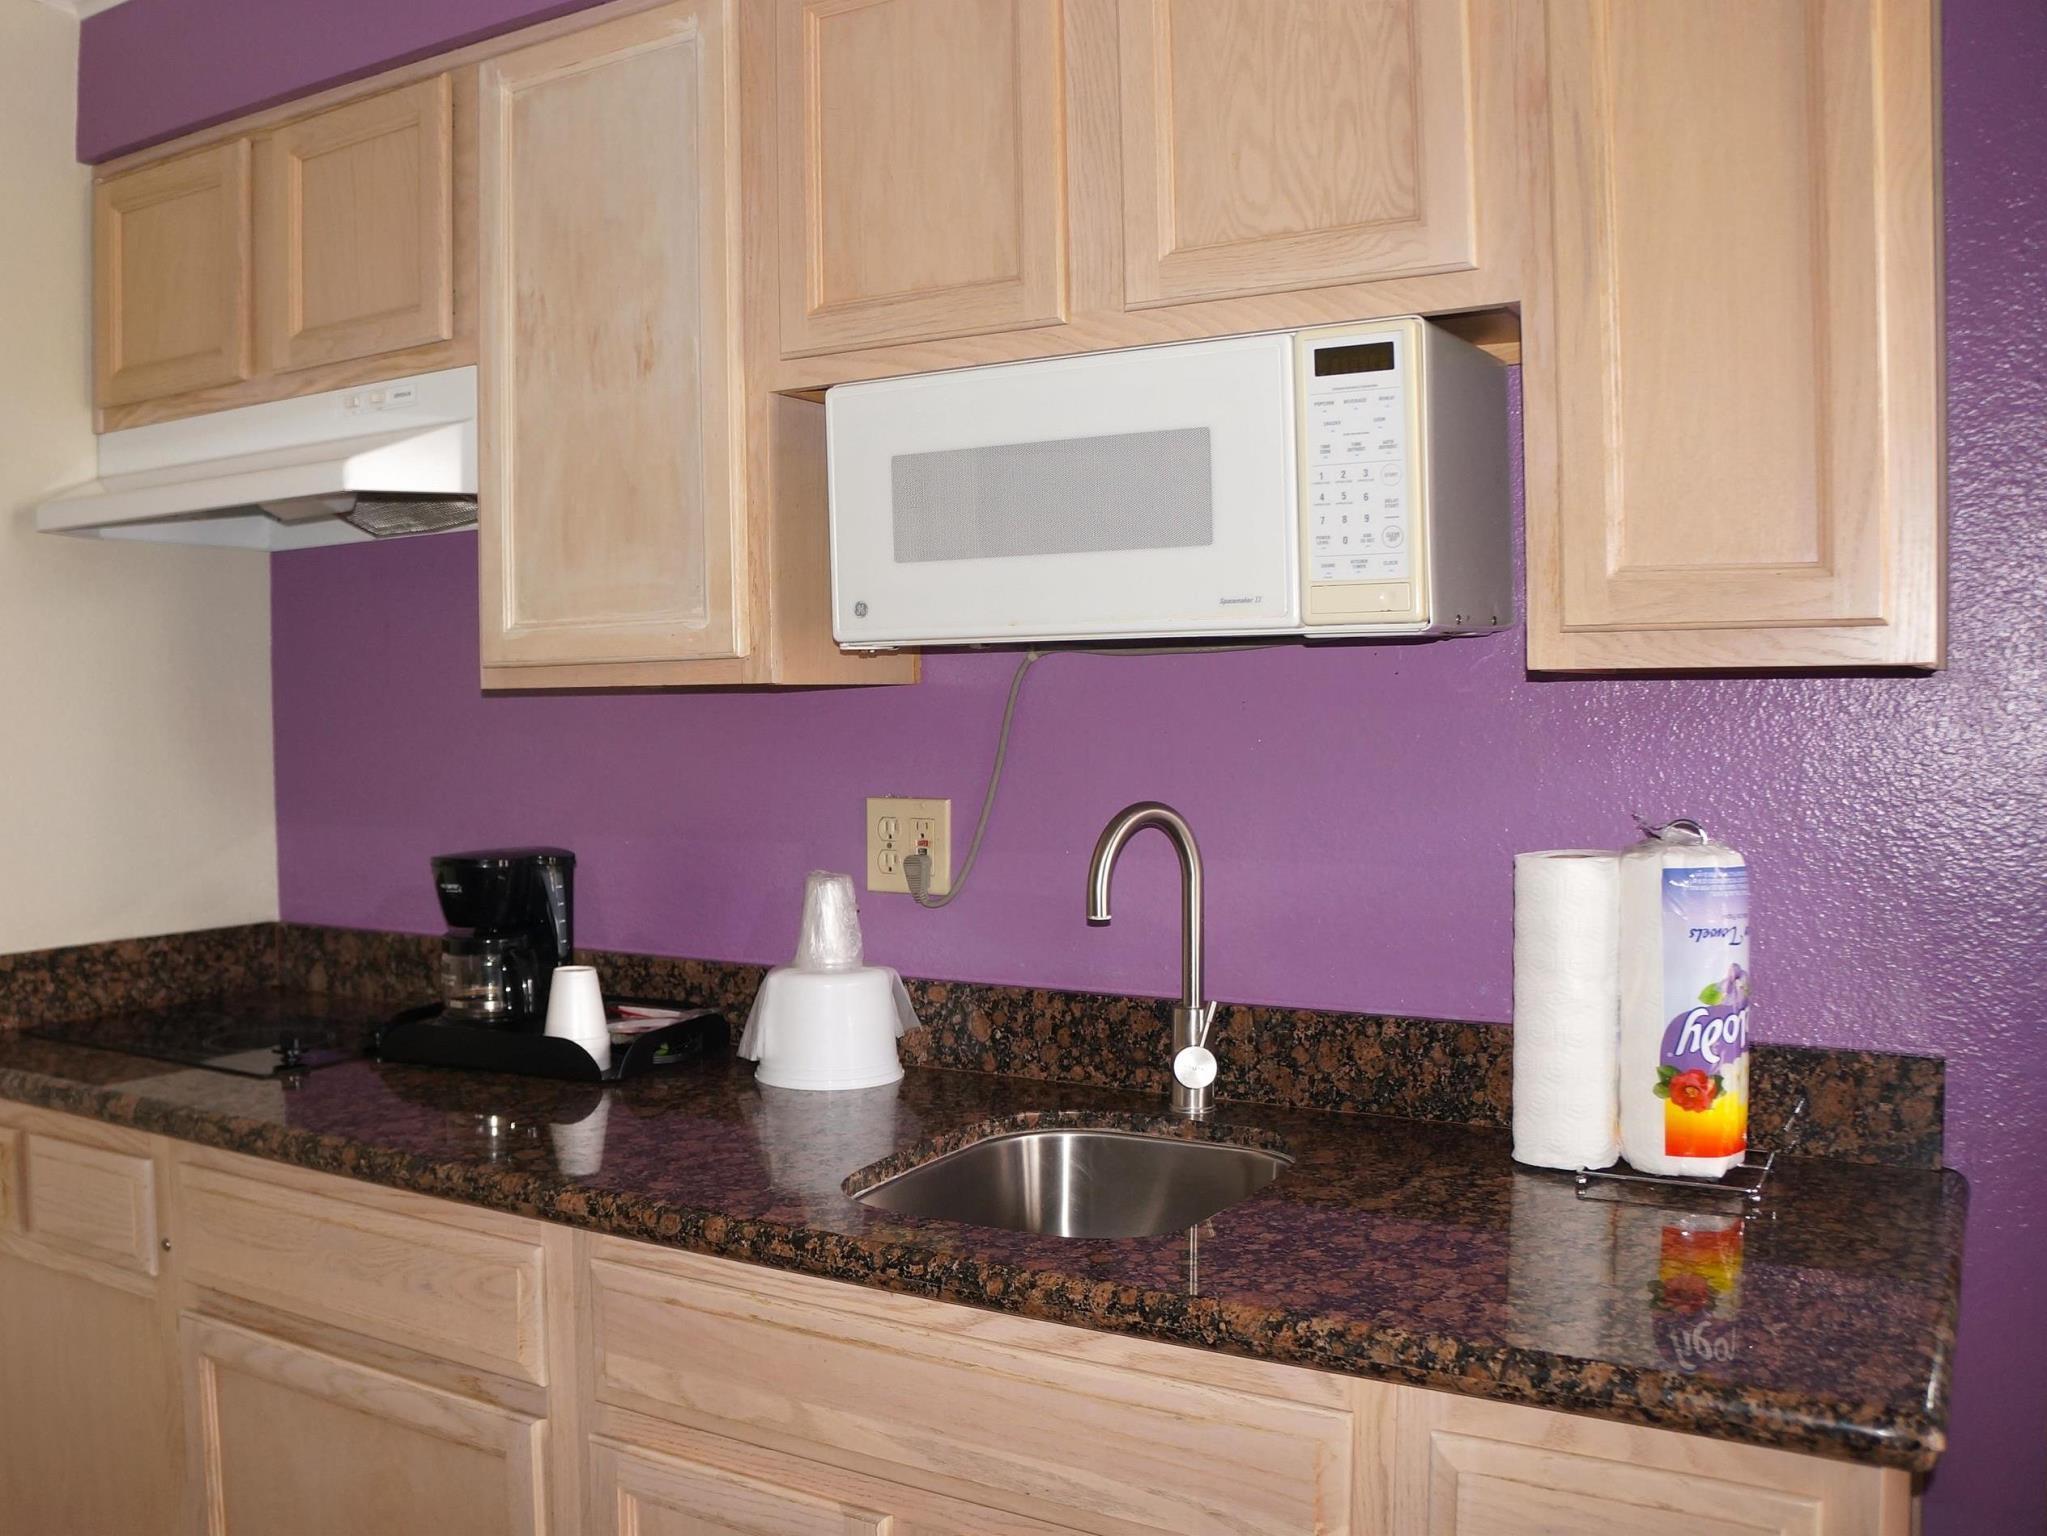 Kitchen Americas Best Value Inn U0026 Suites   Clovis, ...